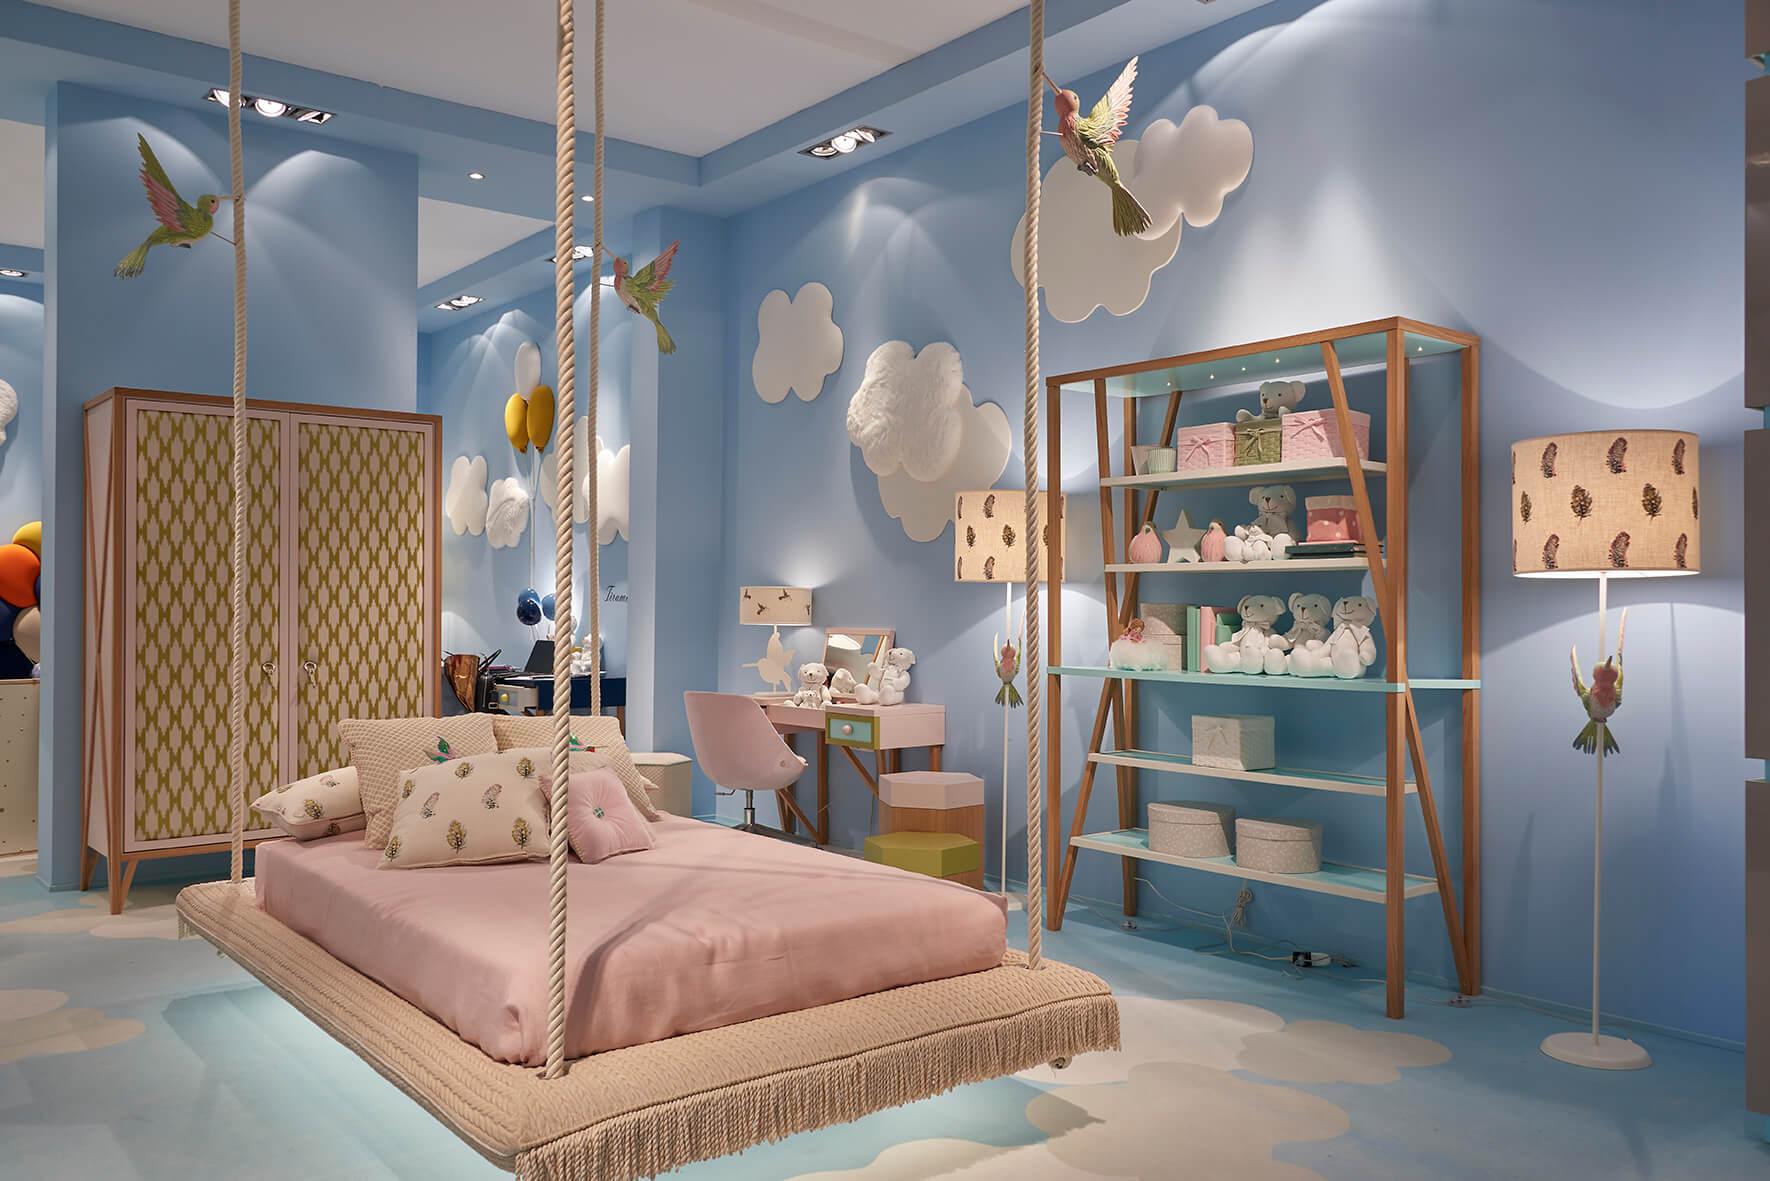 Nicola Bacci - Tiramisú - Nuova collezione Camerette, Arredamento bambini - Salone del Mobile Milano - immagine 5